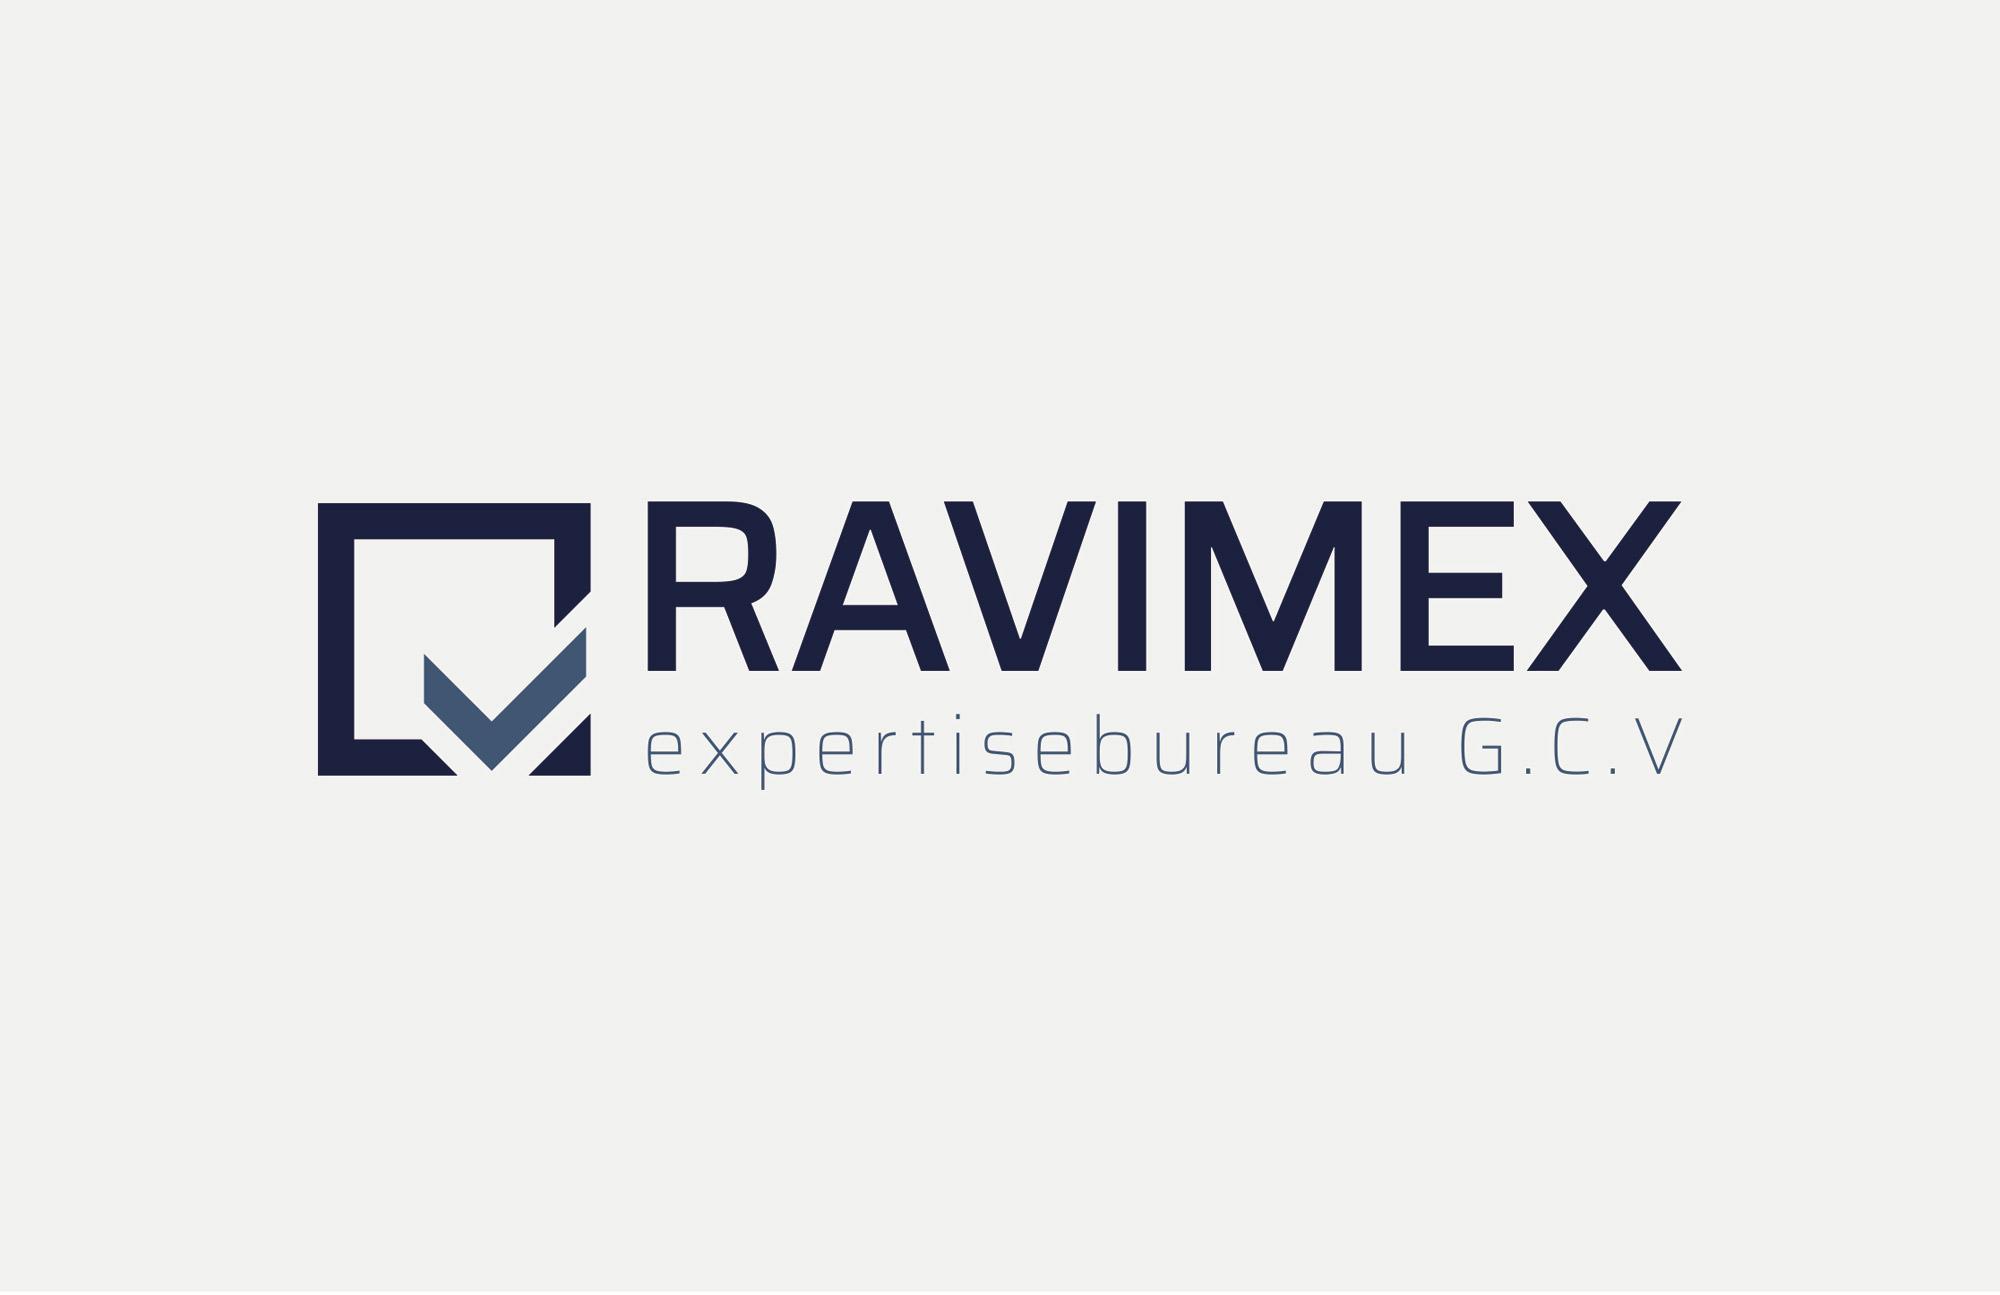 Ravimex